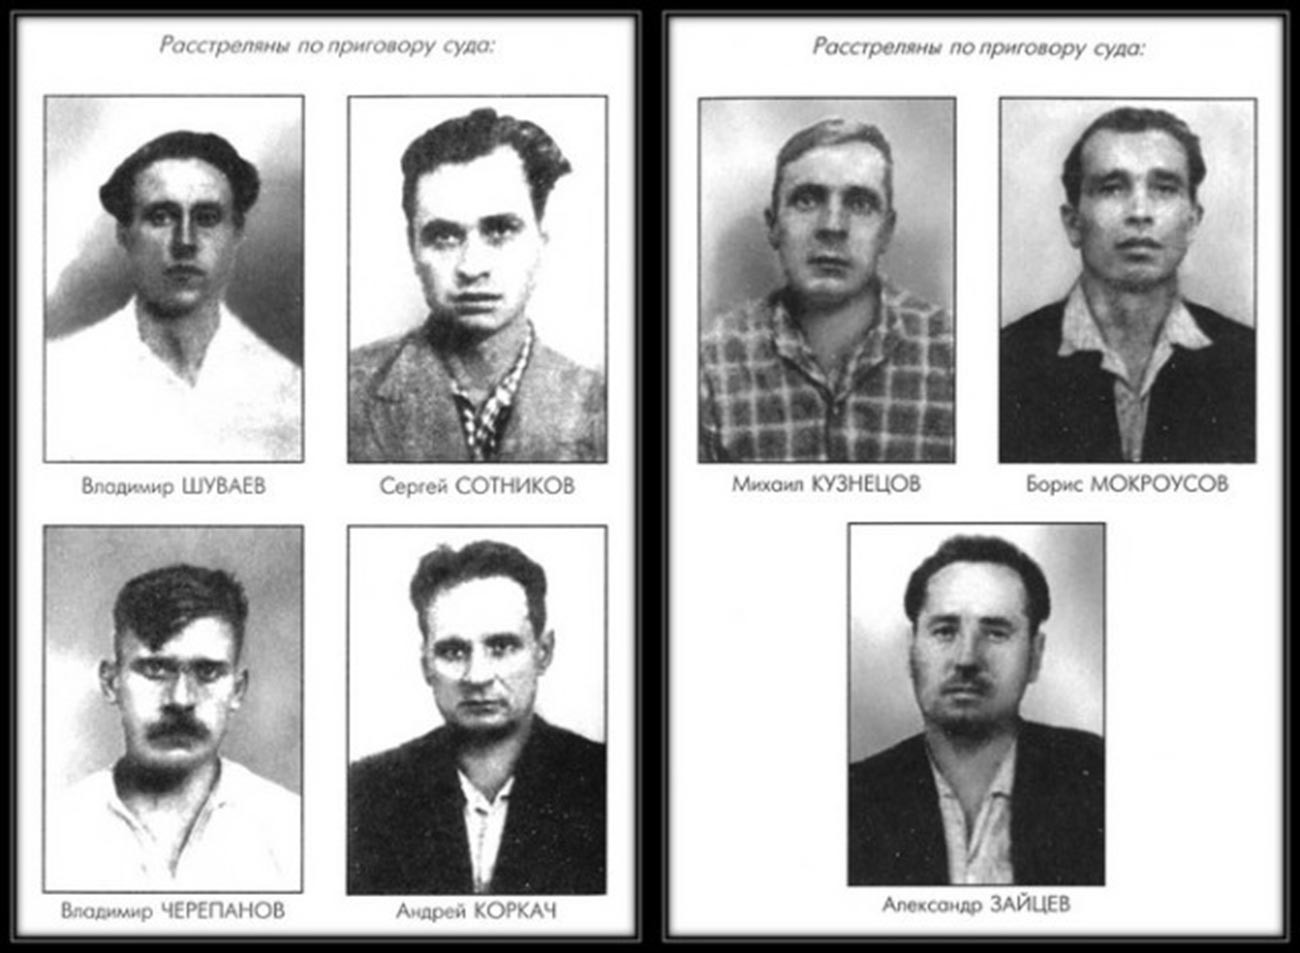 Sedem delavcev Tovarne električnih lokomotiv Novočerkask, obsojenih na smrt s streljanjem: Vladimir Šuvajev (1937-1962), Sergej Sotnikov (1937-1962), Mihail Kuznecov (1930-1962), Boris Mokrousov (1923-1962), Vladimir Čerepanov (1933-1962), Andrej Korkač (1917-1962), Aleksander Zajcev (1927-1962)